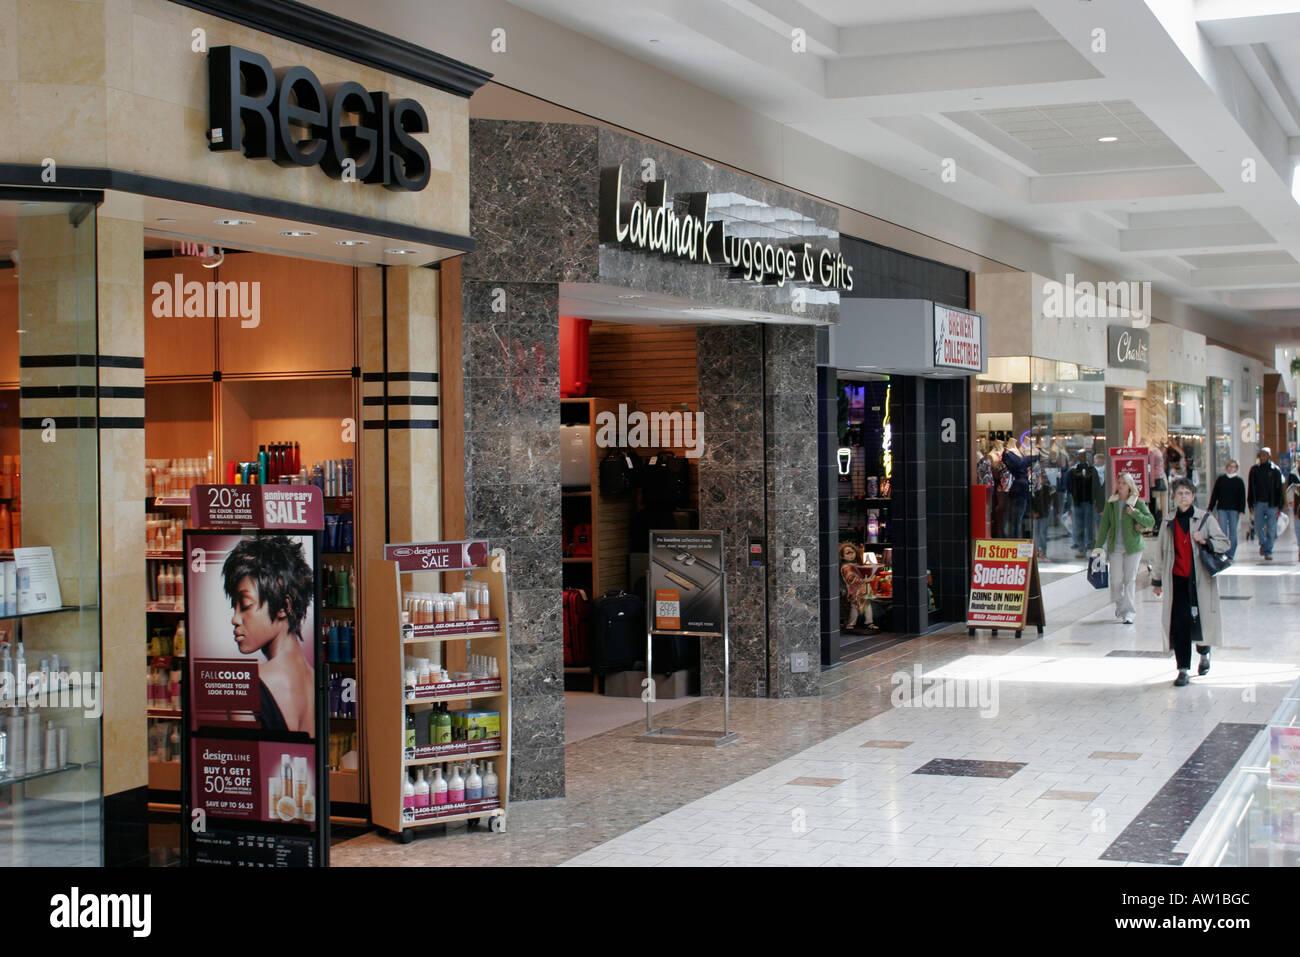 Wisconsin Stores